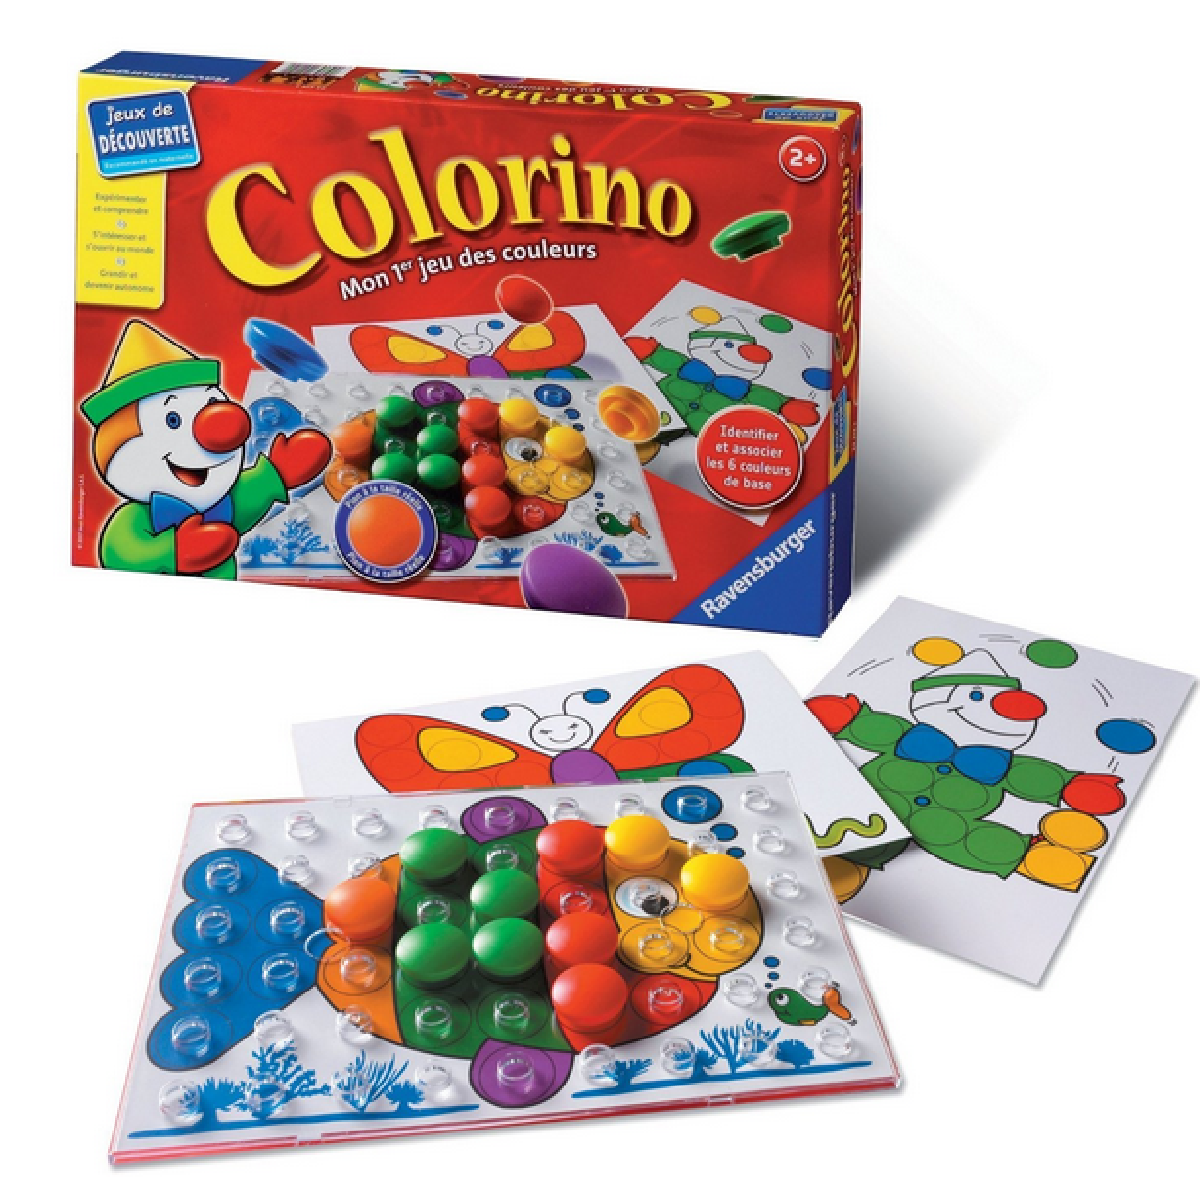 Le jeu éducatif Colorino pour enfant à partir de 2 ans.